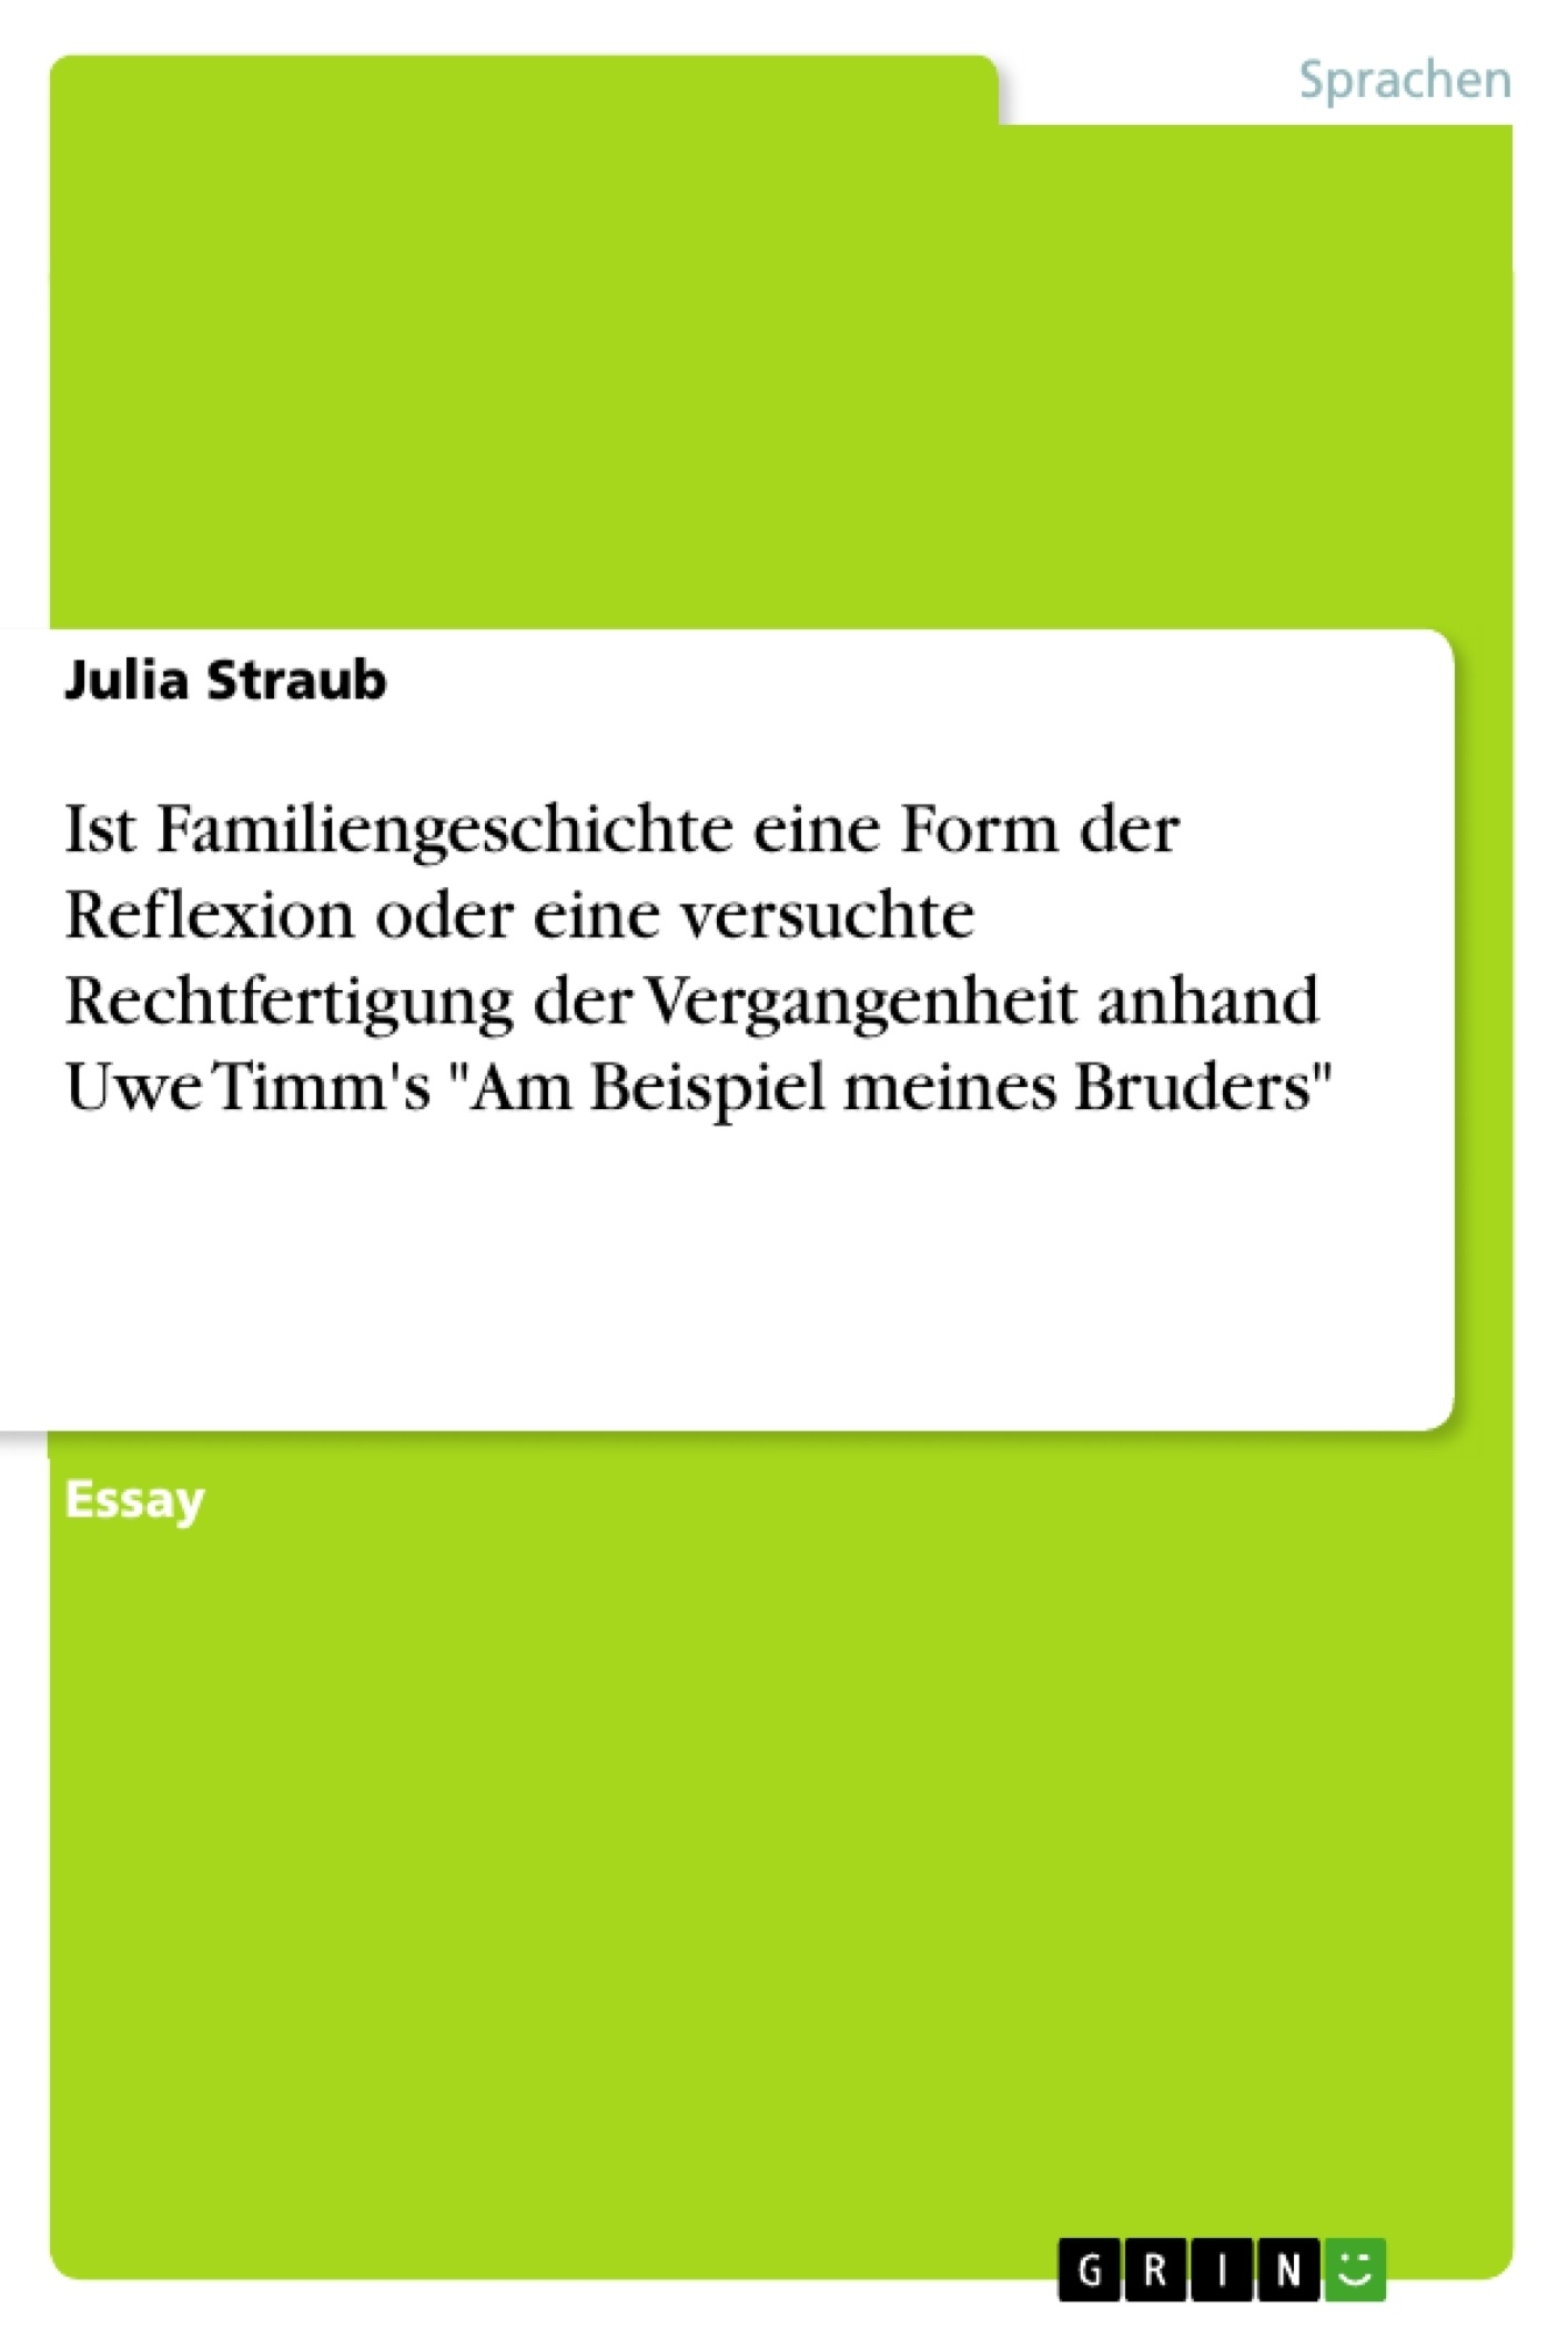 """Titel: Ist Familiengeschichte eine Form der Reflexion oder eine versuchte Rechtfertigung der Vergangenheit anhand Uwe Timm's """"Am Beispiel meines Bruders"""""""